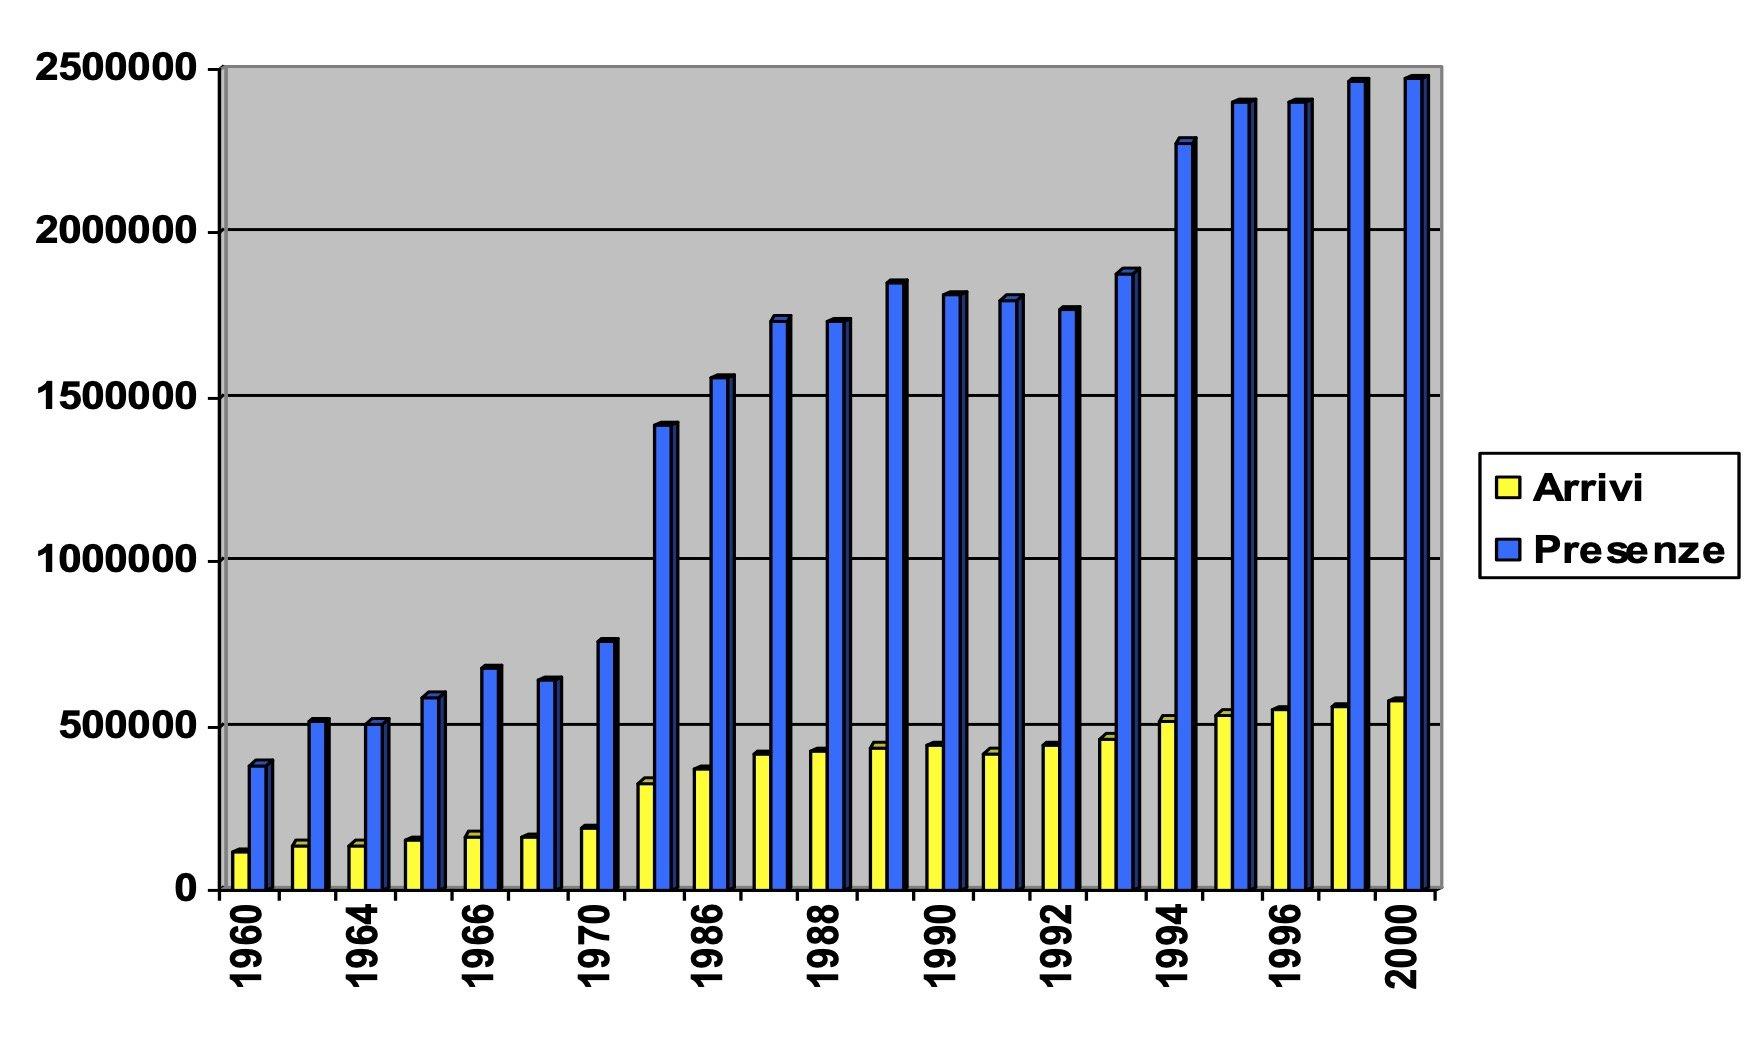 Arrivi e presenze di turisti a Sorrento e S. Agnello